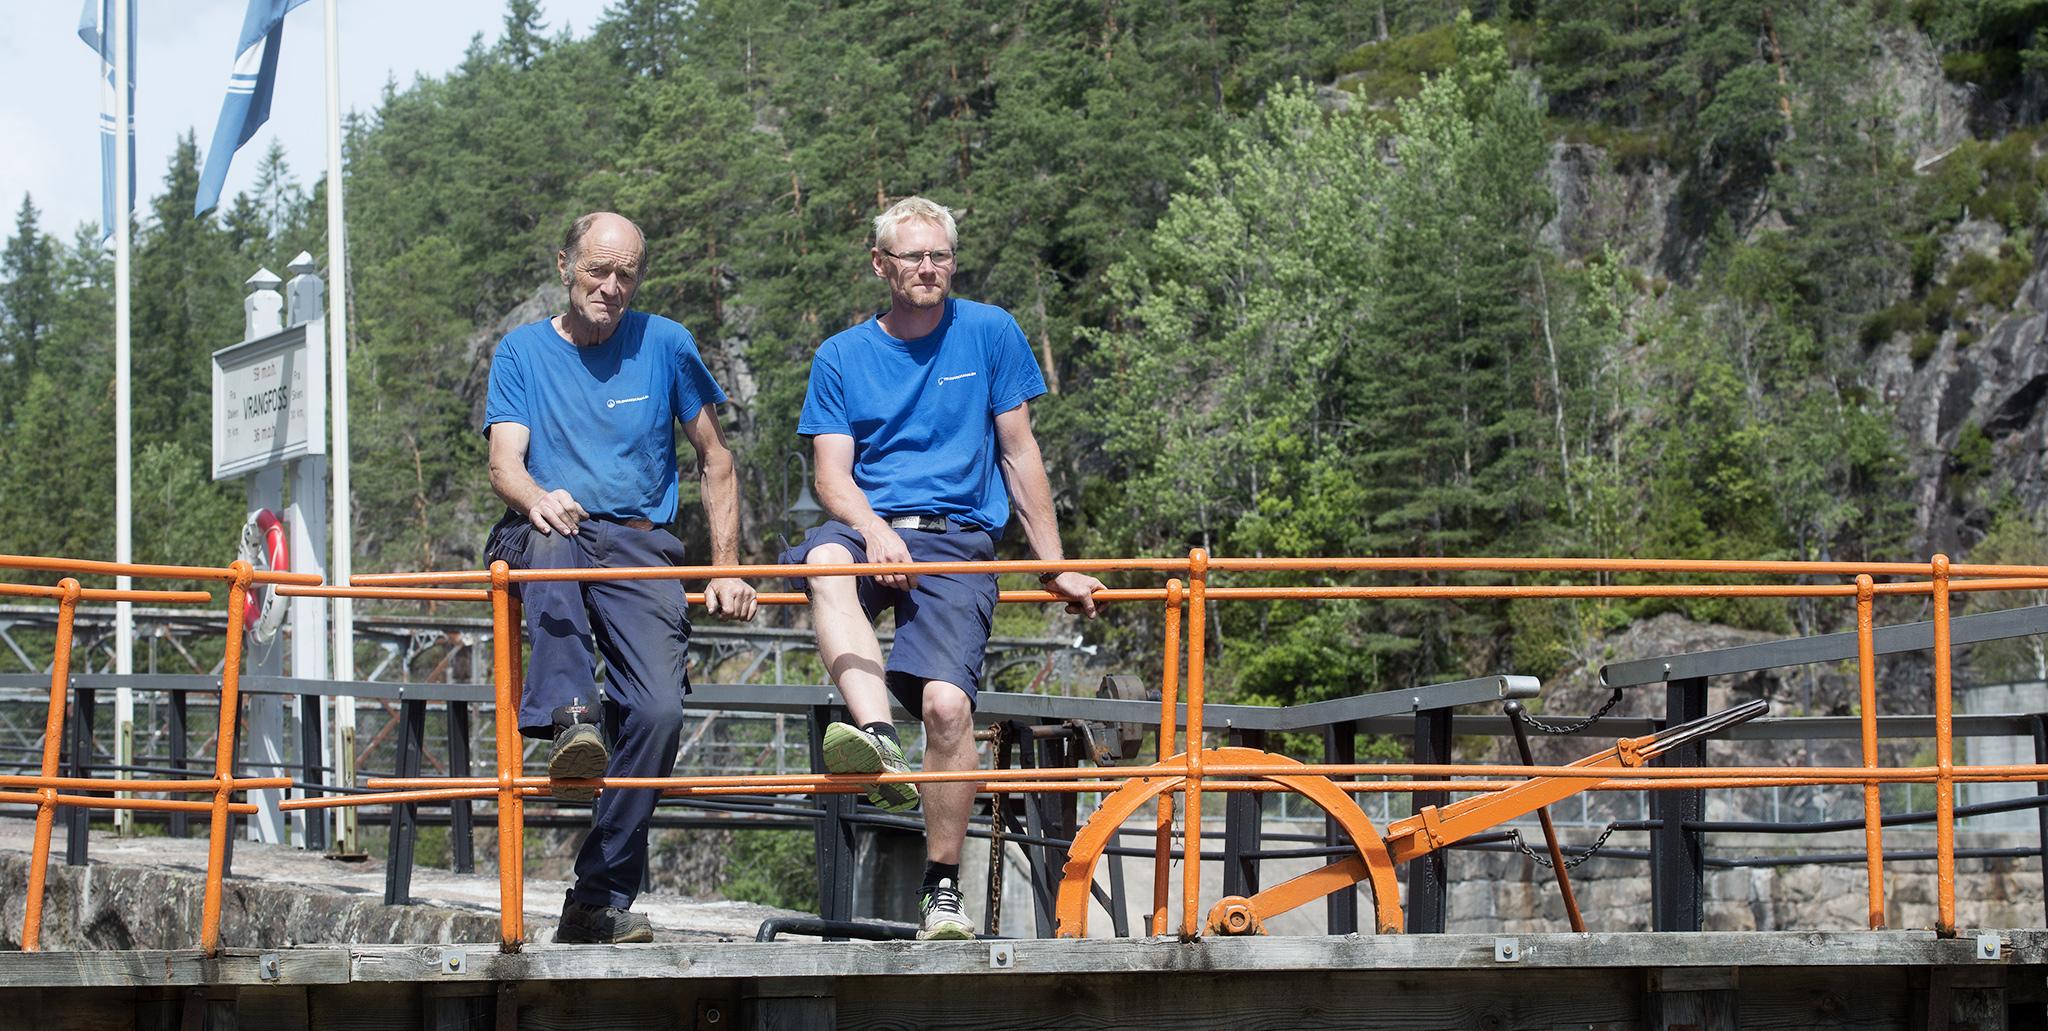 Birger Bergland har jobbet som slusevokter siden 1969 og tar seg av smedarbeidet i kanalen. Atle Ryste har jobbet i kanalen i snart fire år og er sist ansatt av slusevokterne. Han har fagbrev som platearbeider, og det er stort sett sveising han jobber med utover selve slusingen.